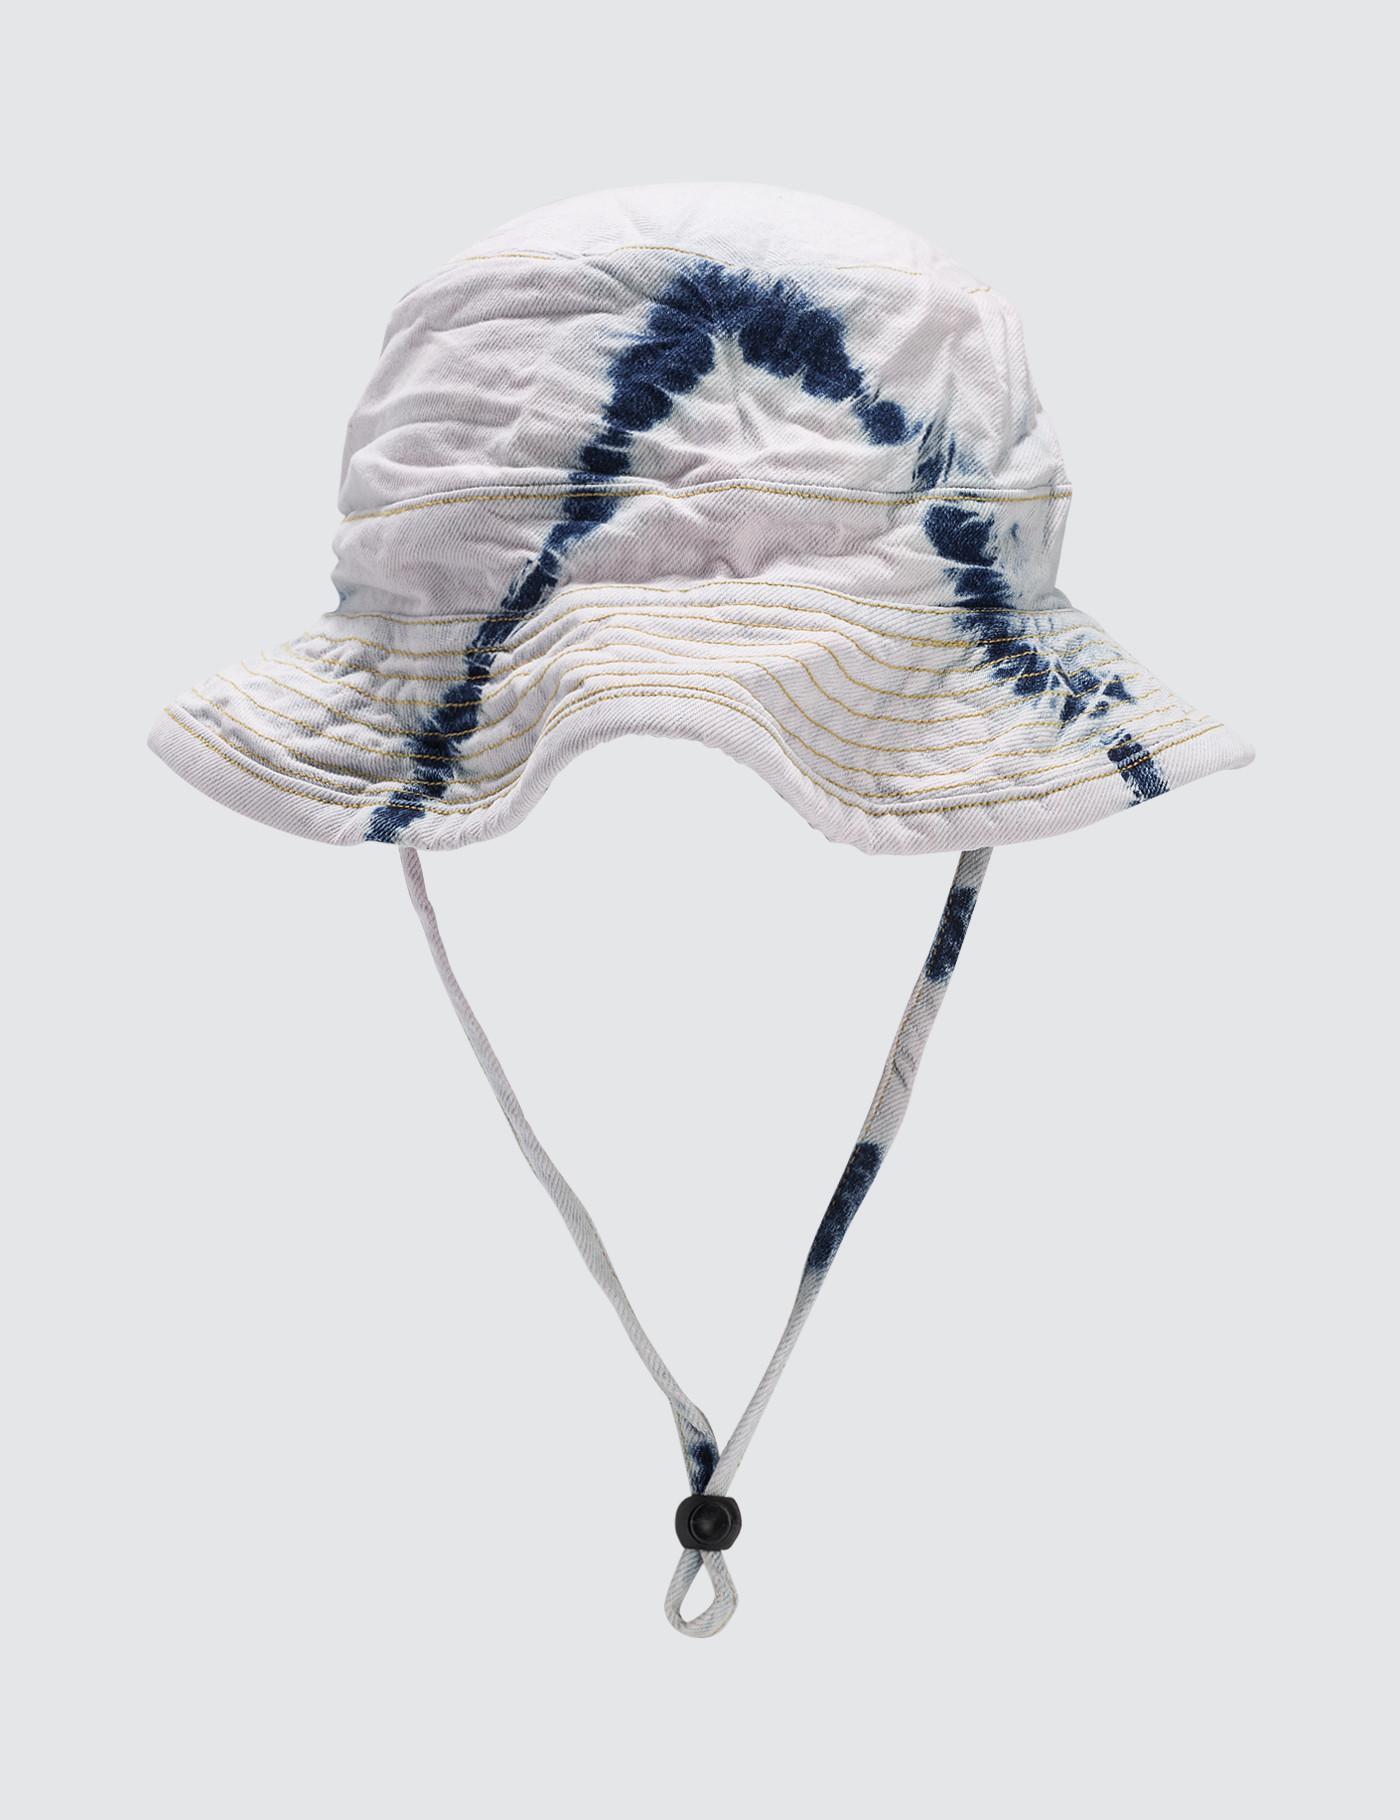 Ashley Williams Blush Tiedye Bucket Hat in Blue - Save ... 8950451f7df5